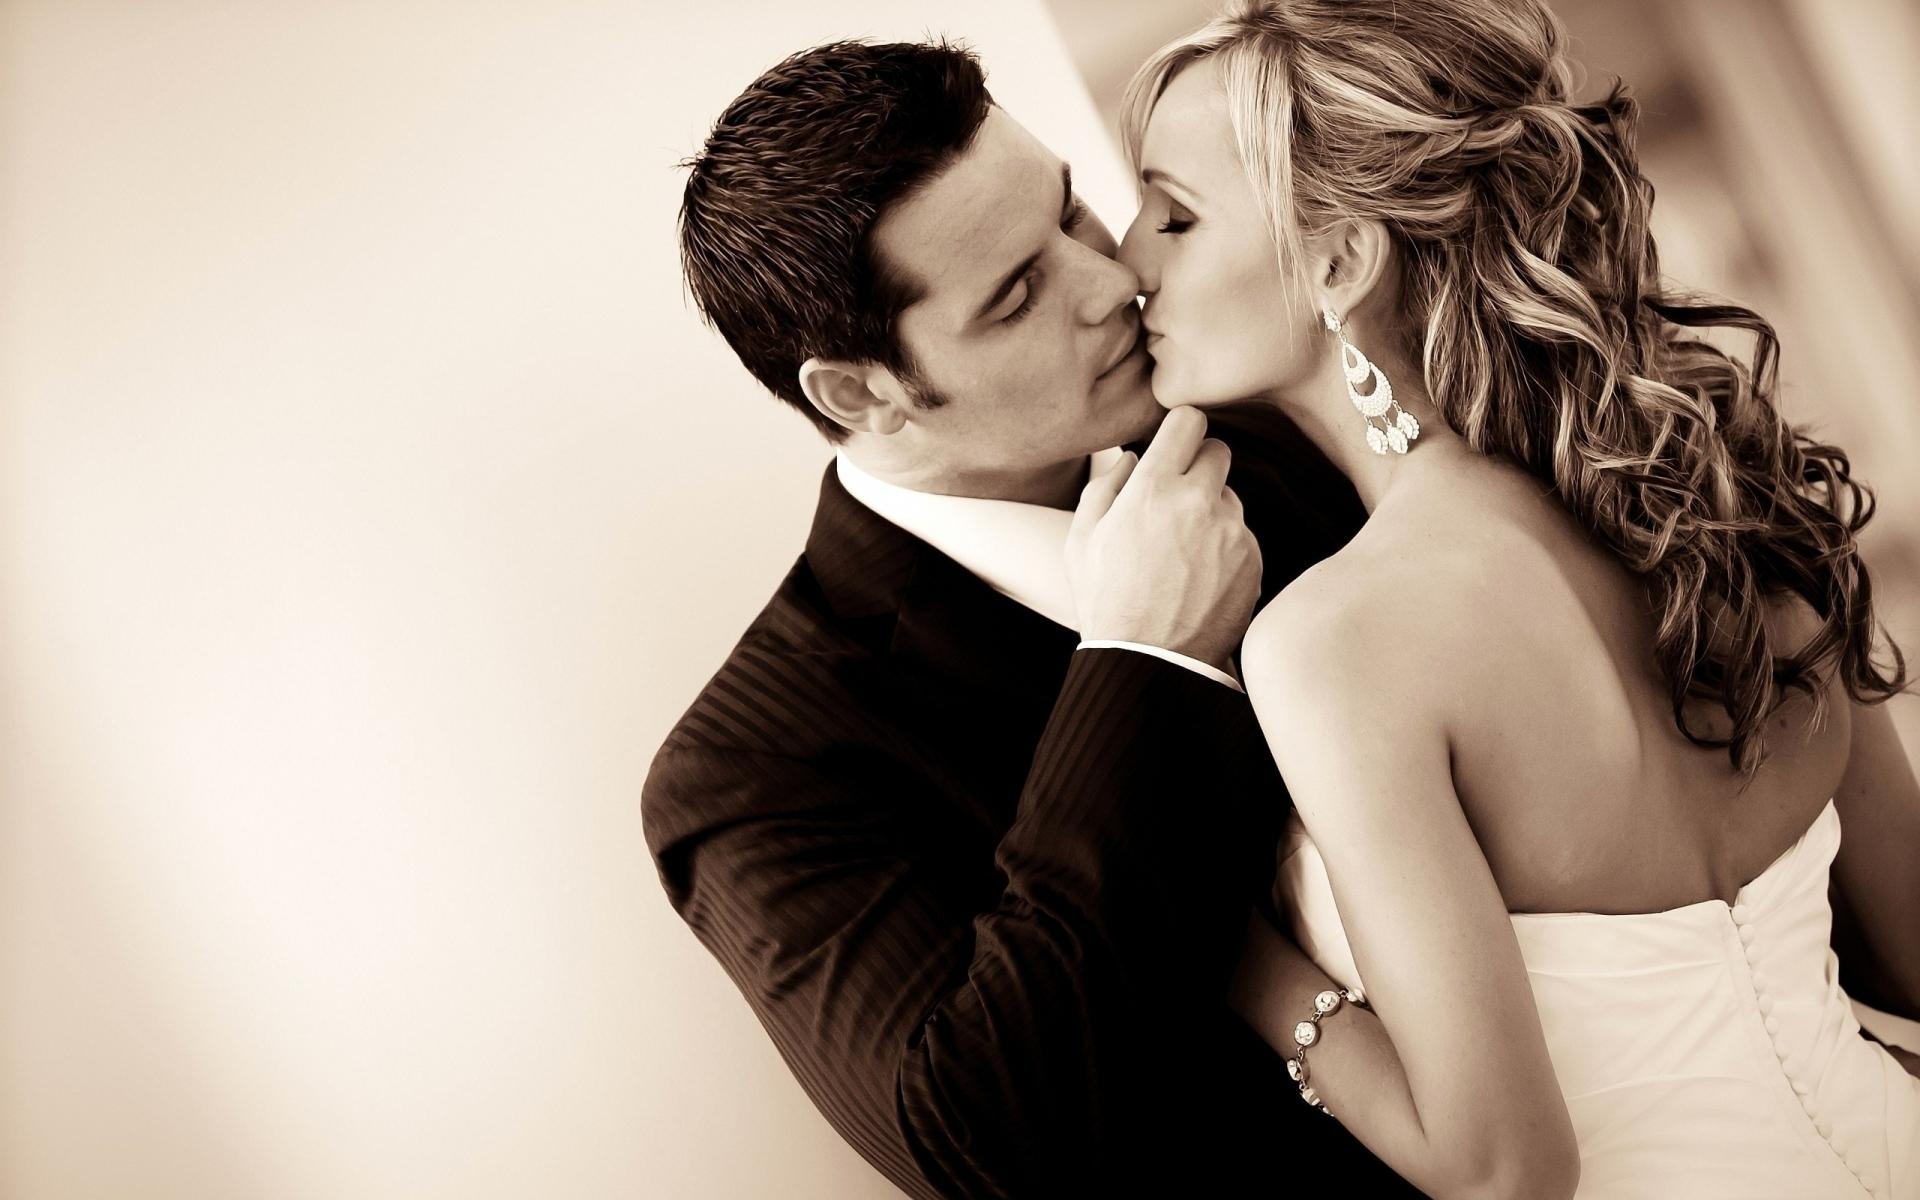 Картинки Пара, поцелуй, свадьба, сепия, черный белый фото и обои на рабочий стол